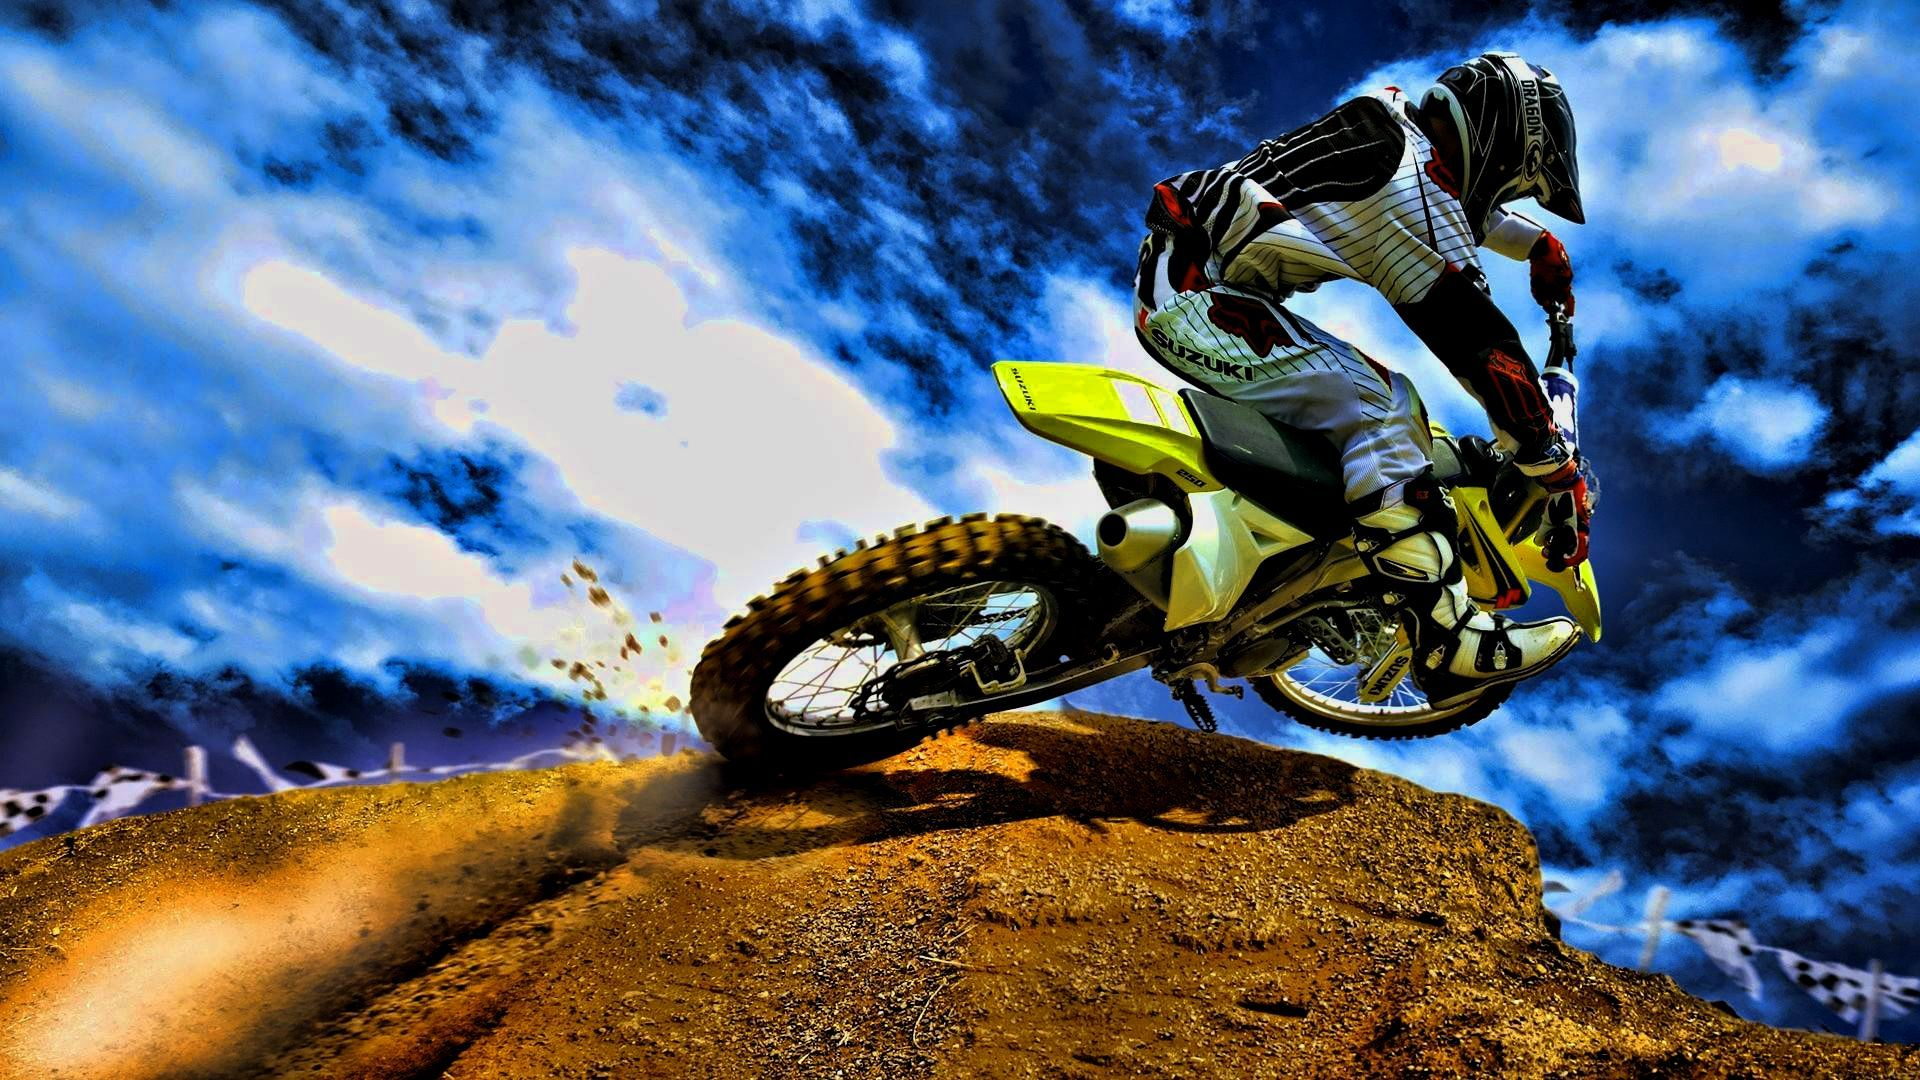 Walpaper Motocross Mobil